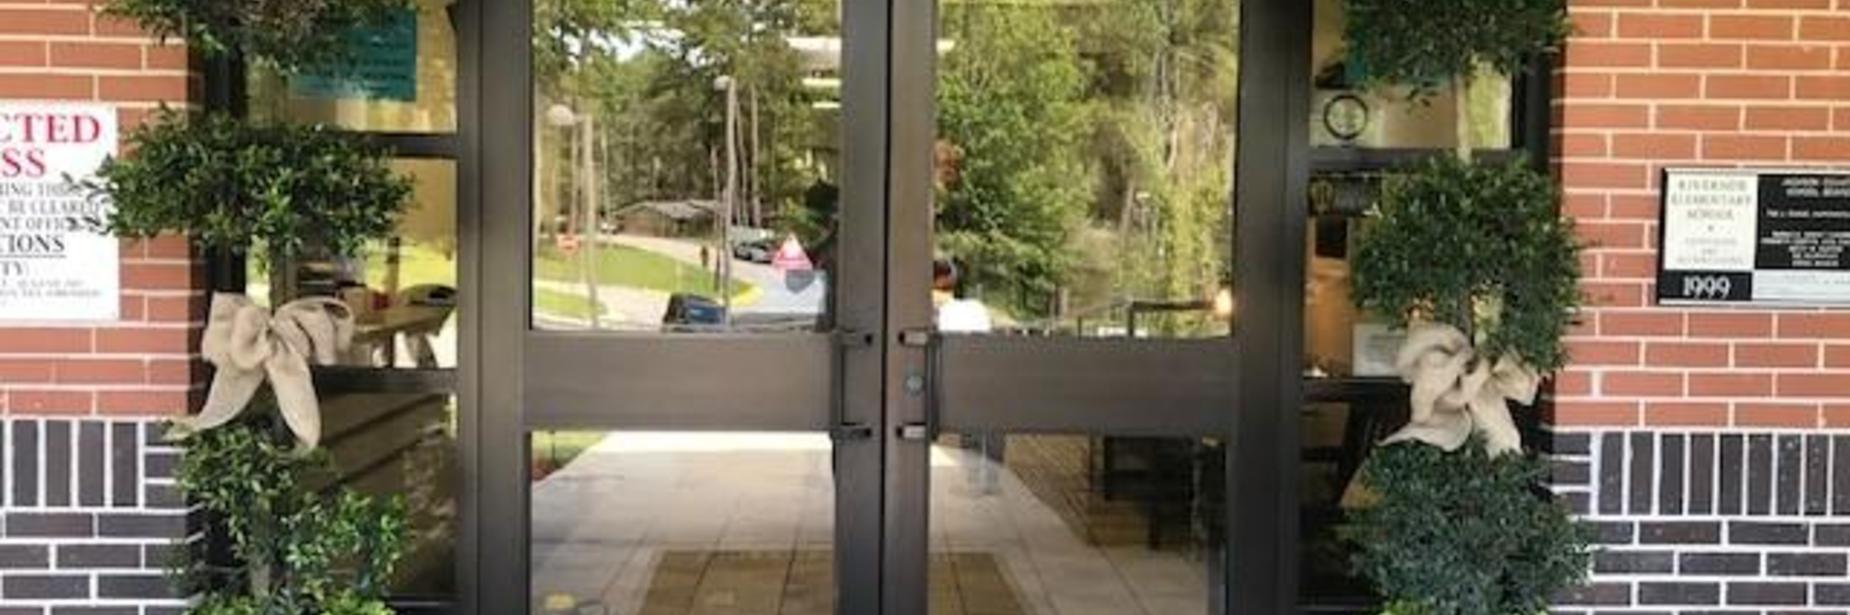 res front doors